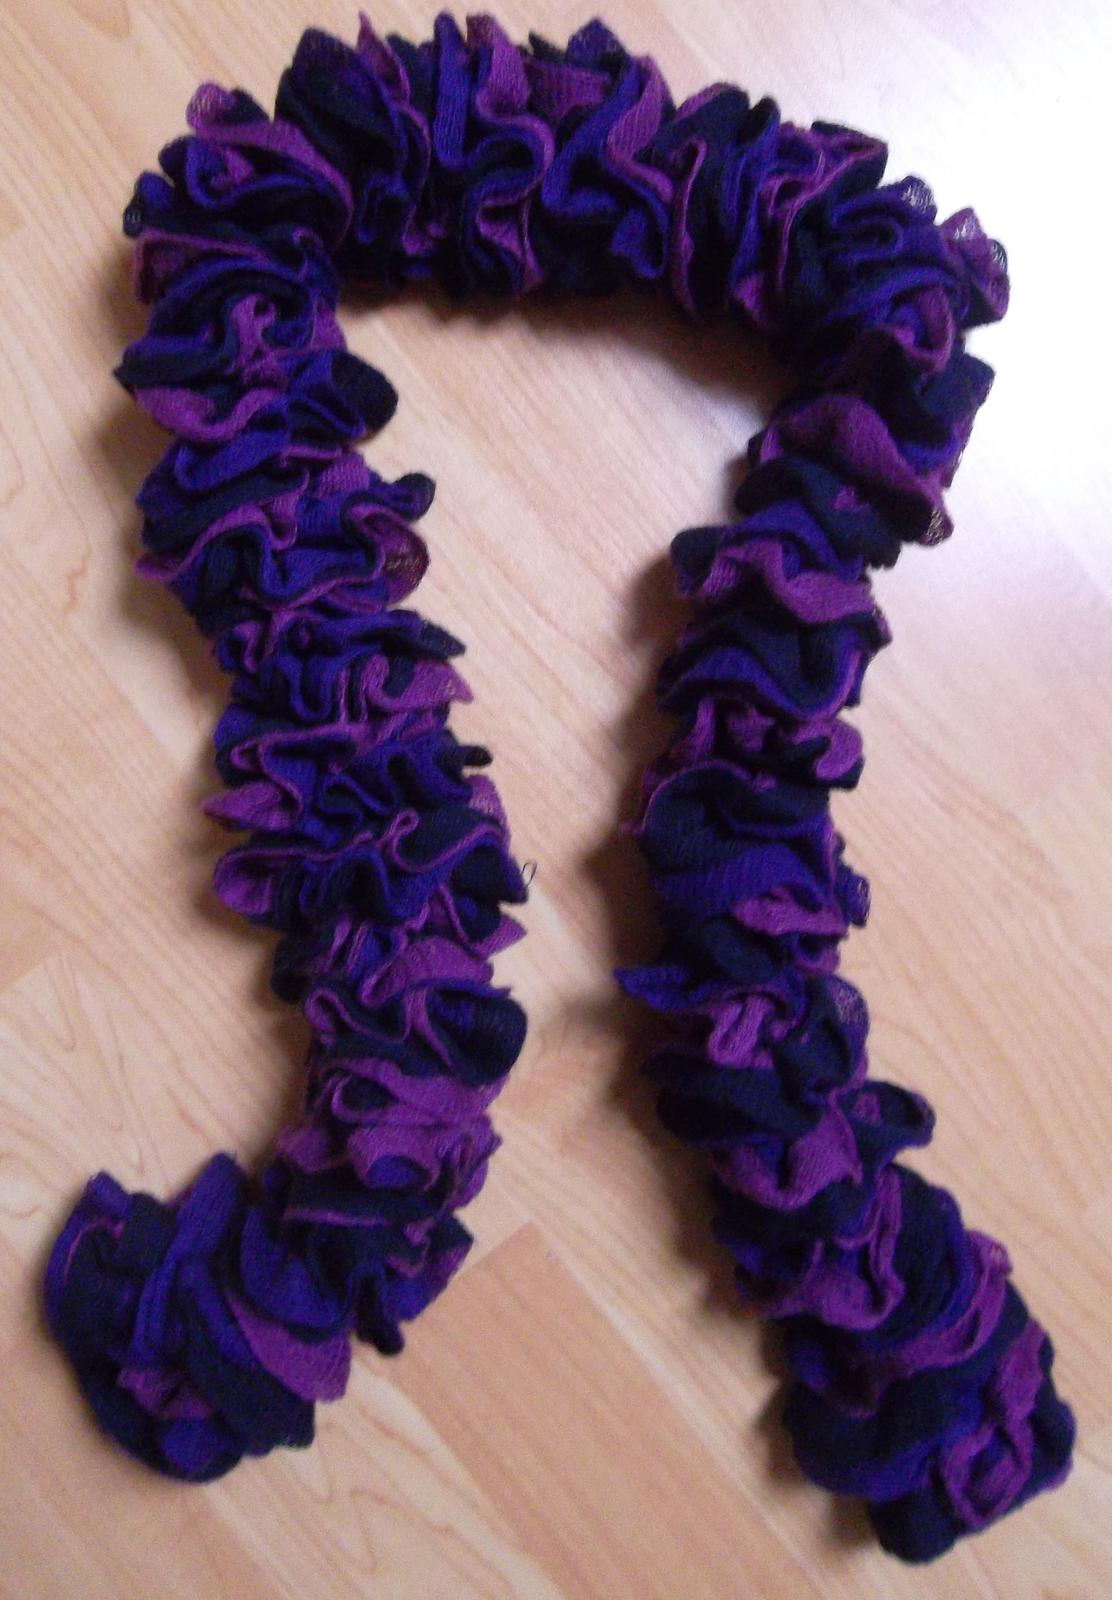 Šála fialová - Obrázek č. 1